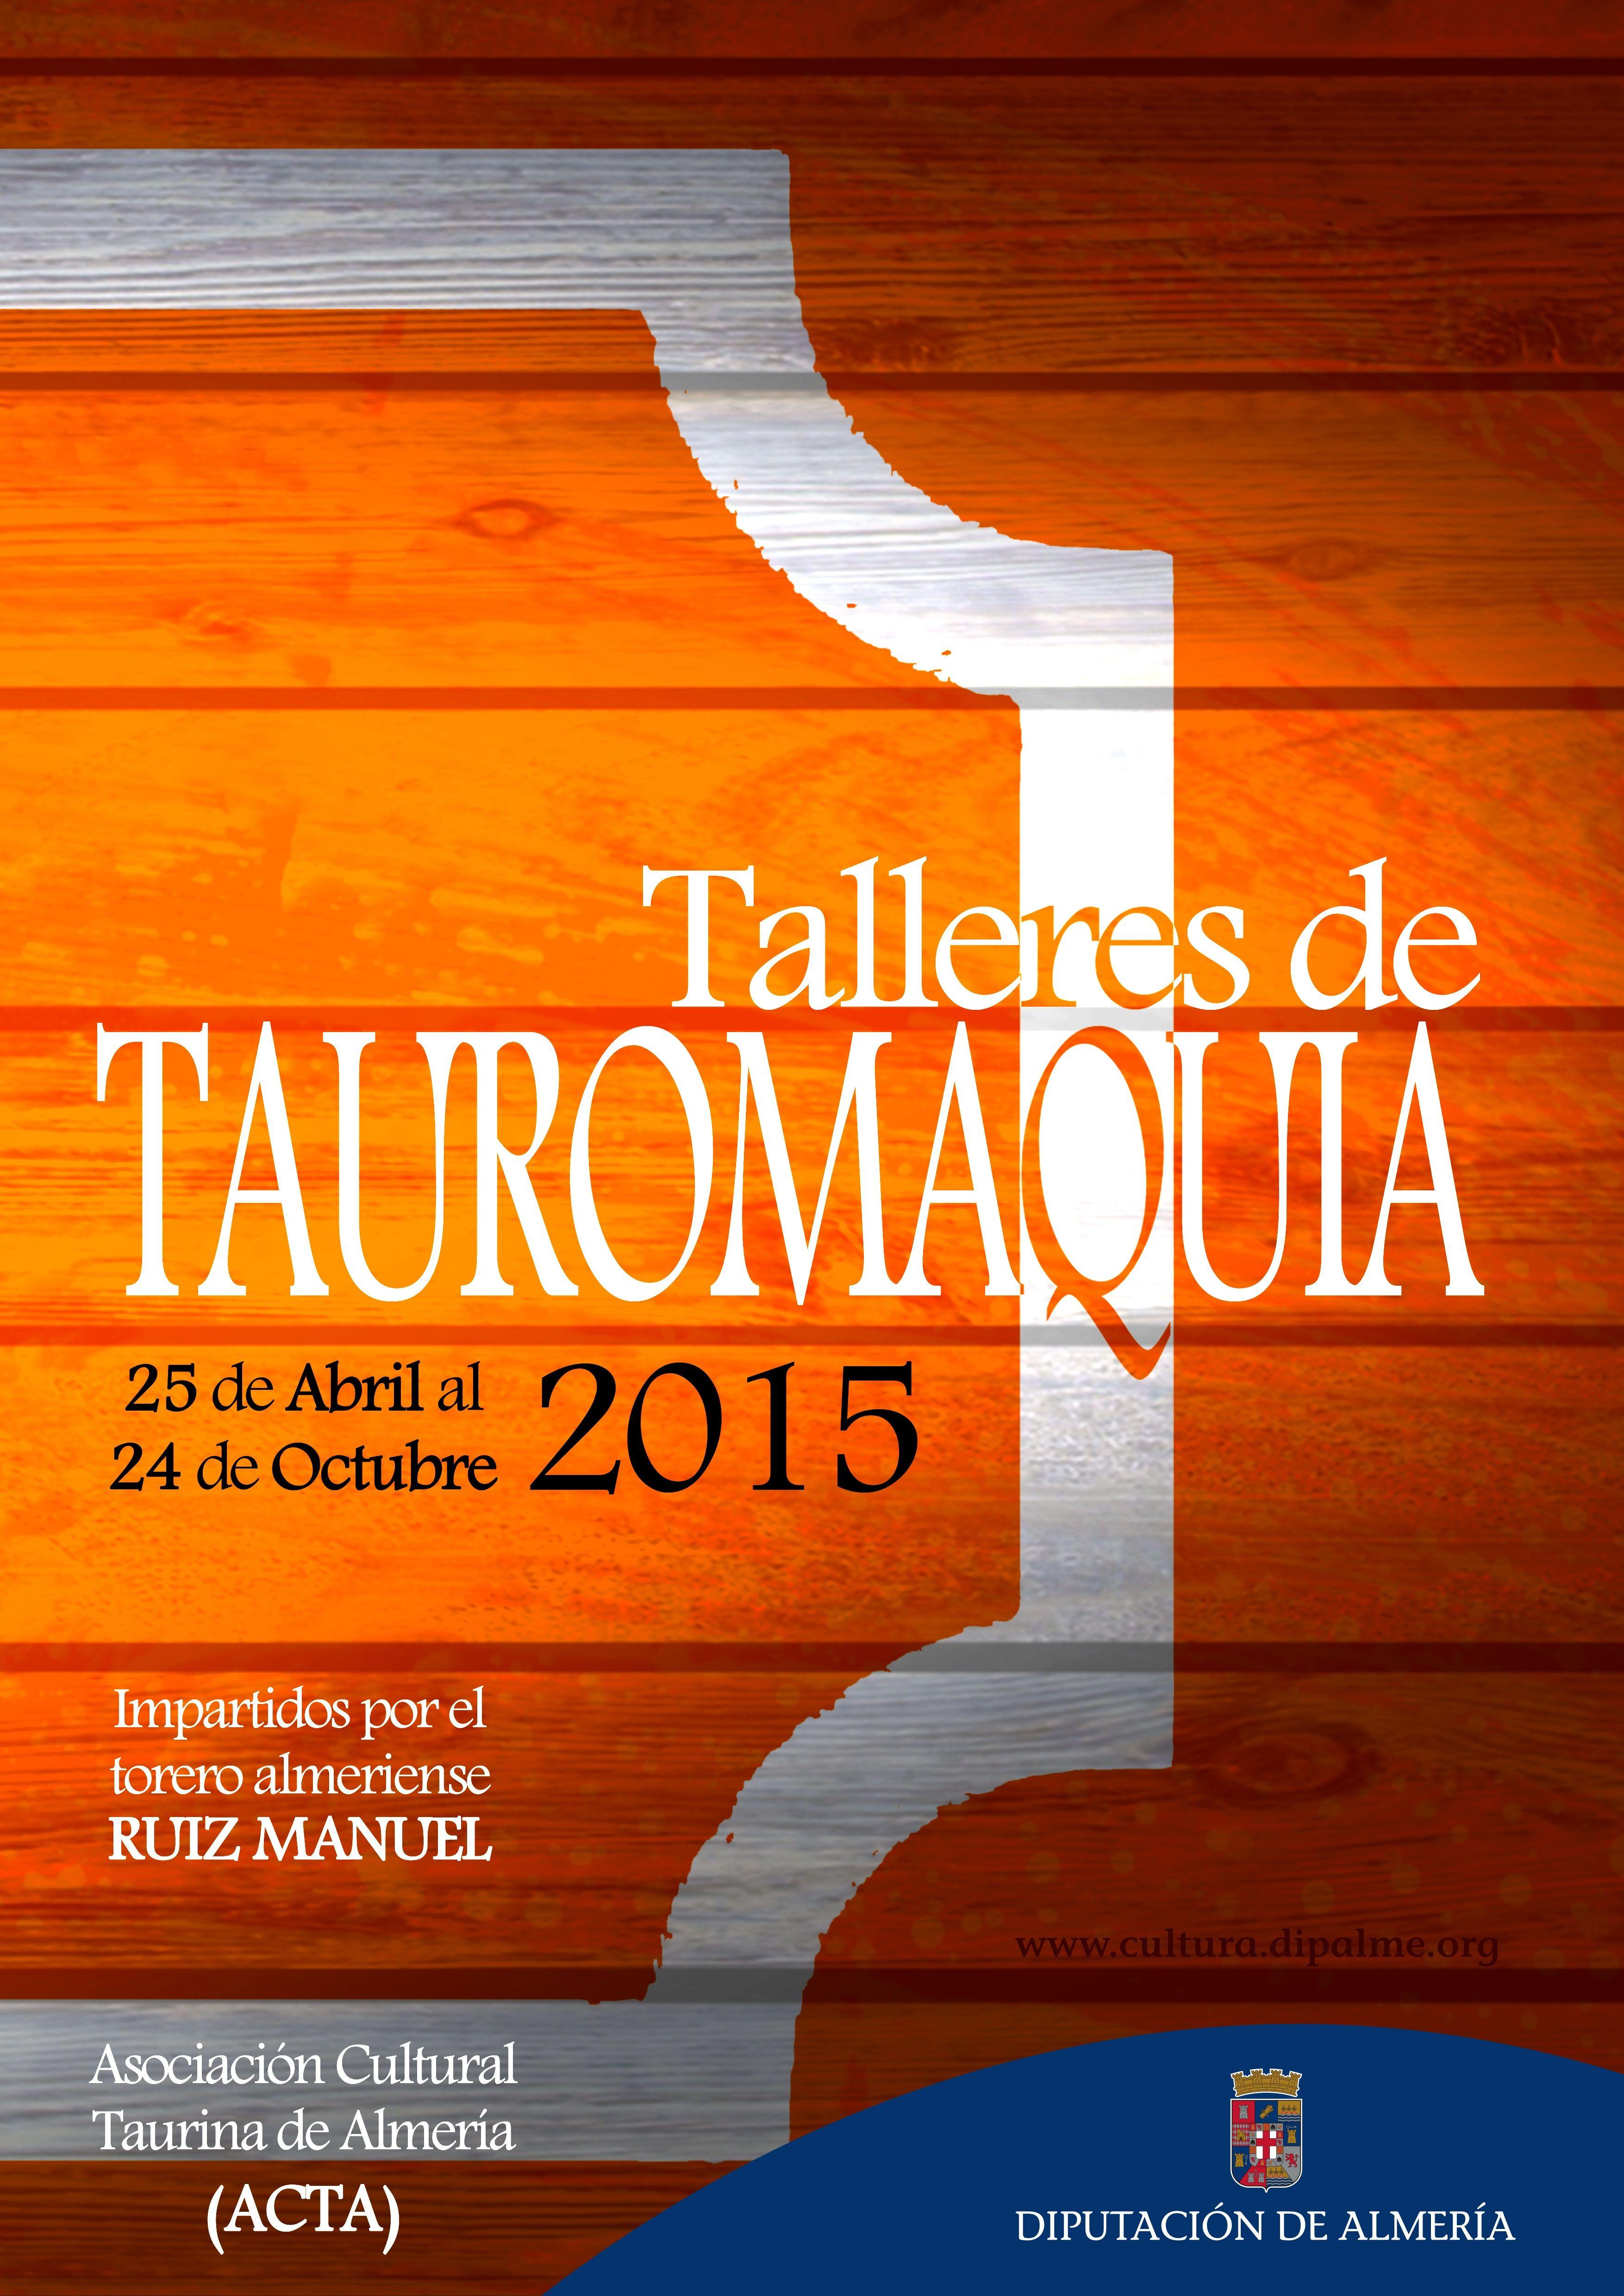 Propuesta seleccionada final de diseño de cartel de Talleres de Tauromaquia 2015 para Diputación de Almería. Final selected poster design of cultural event for Almería County Council.